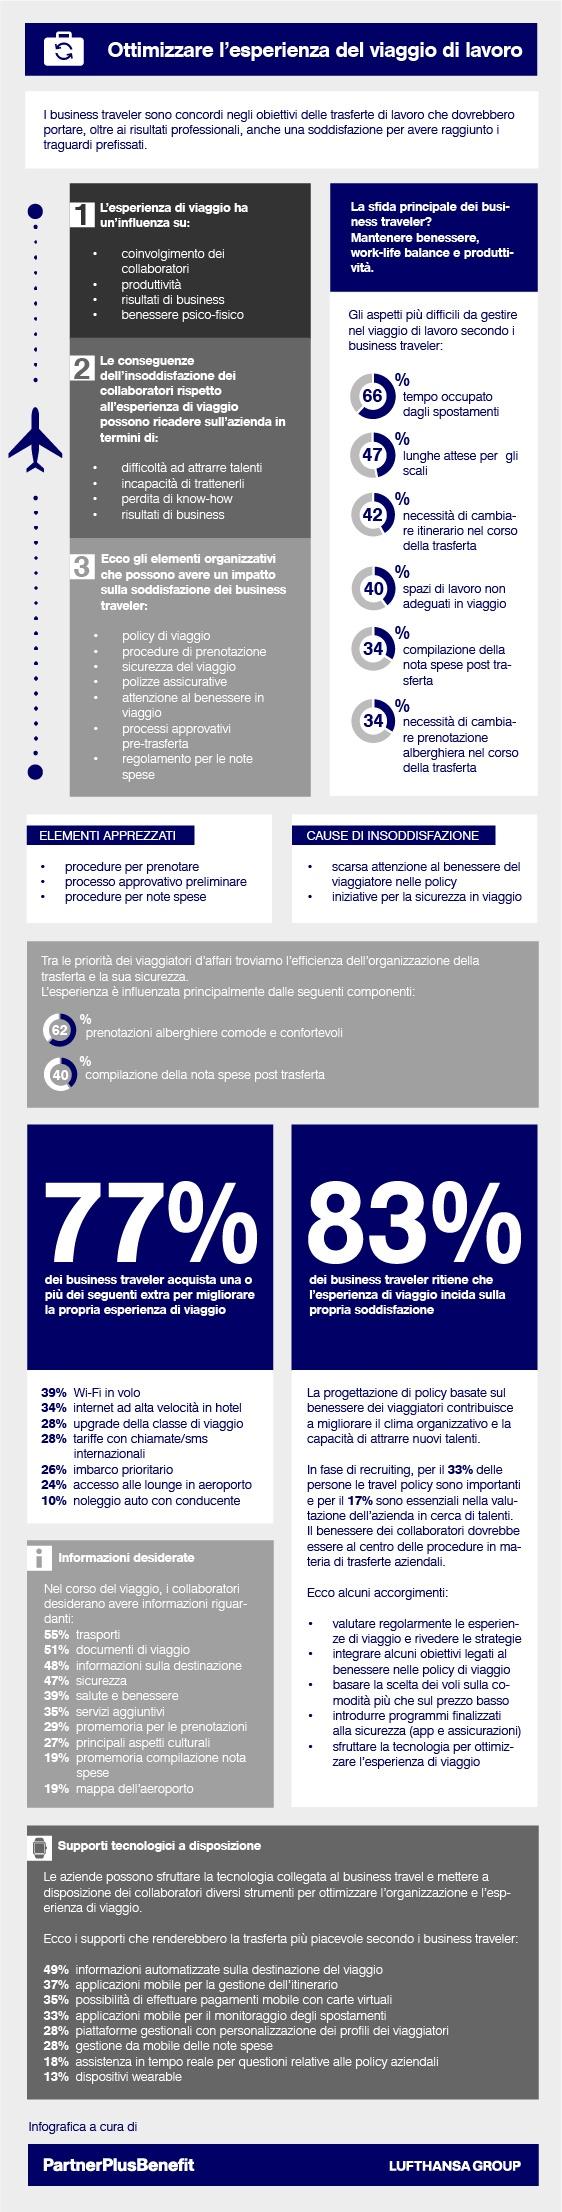 business traveler infografica